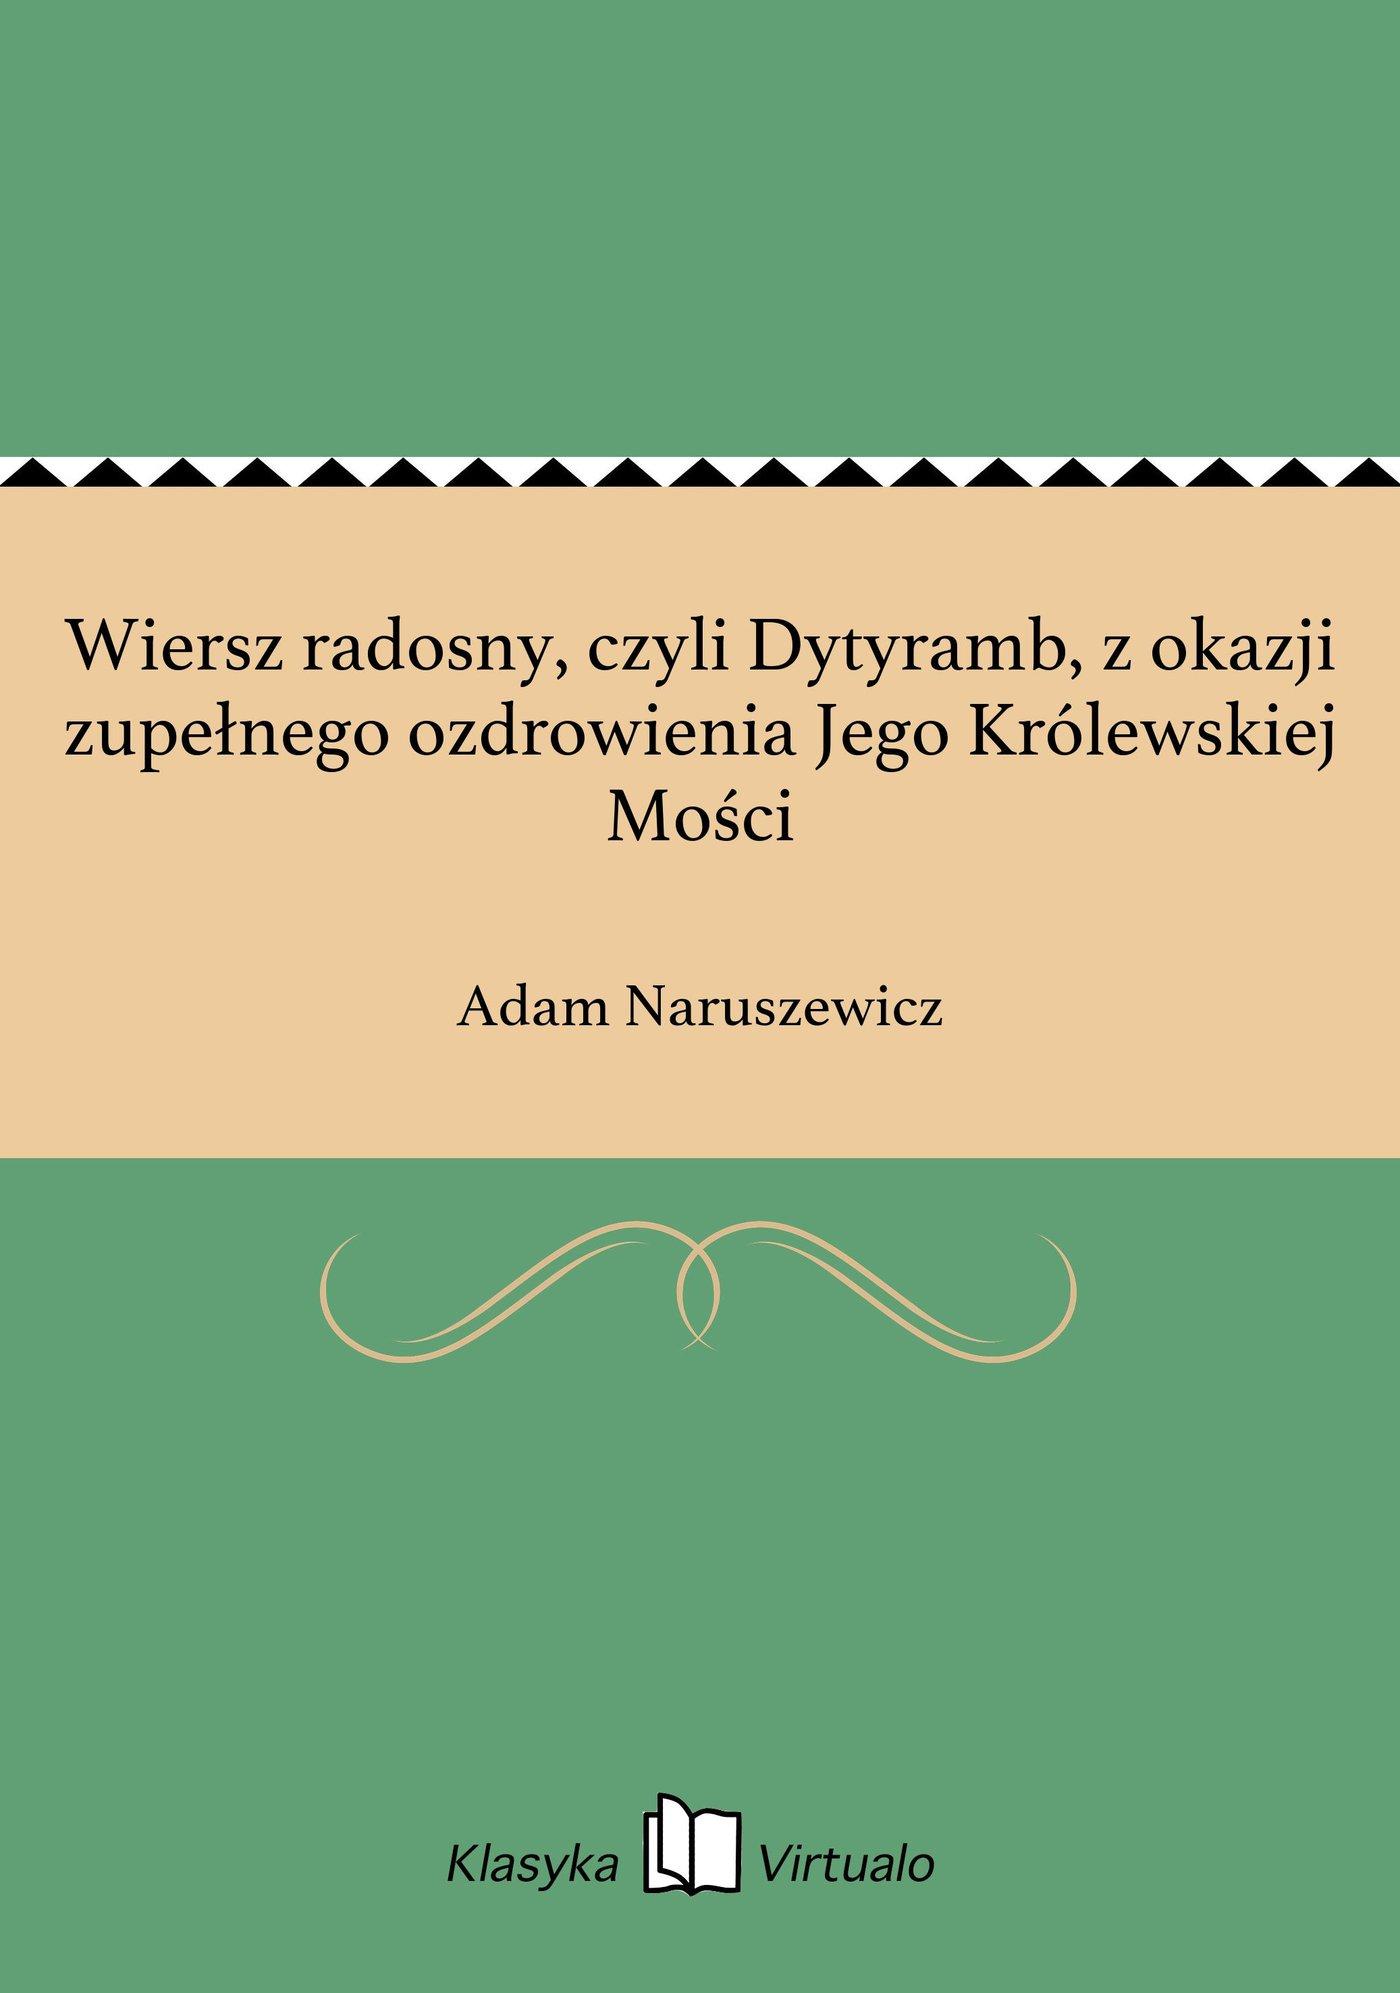 Wiersz radosny, czyli Dytyramb, z okazji zupełnego ozdrowienia Jego Królewskiej Mości - Ebook (Książka EPUB) do pobrania w formacie EPUB